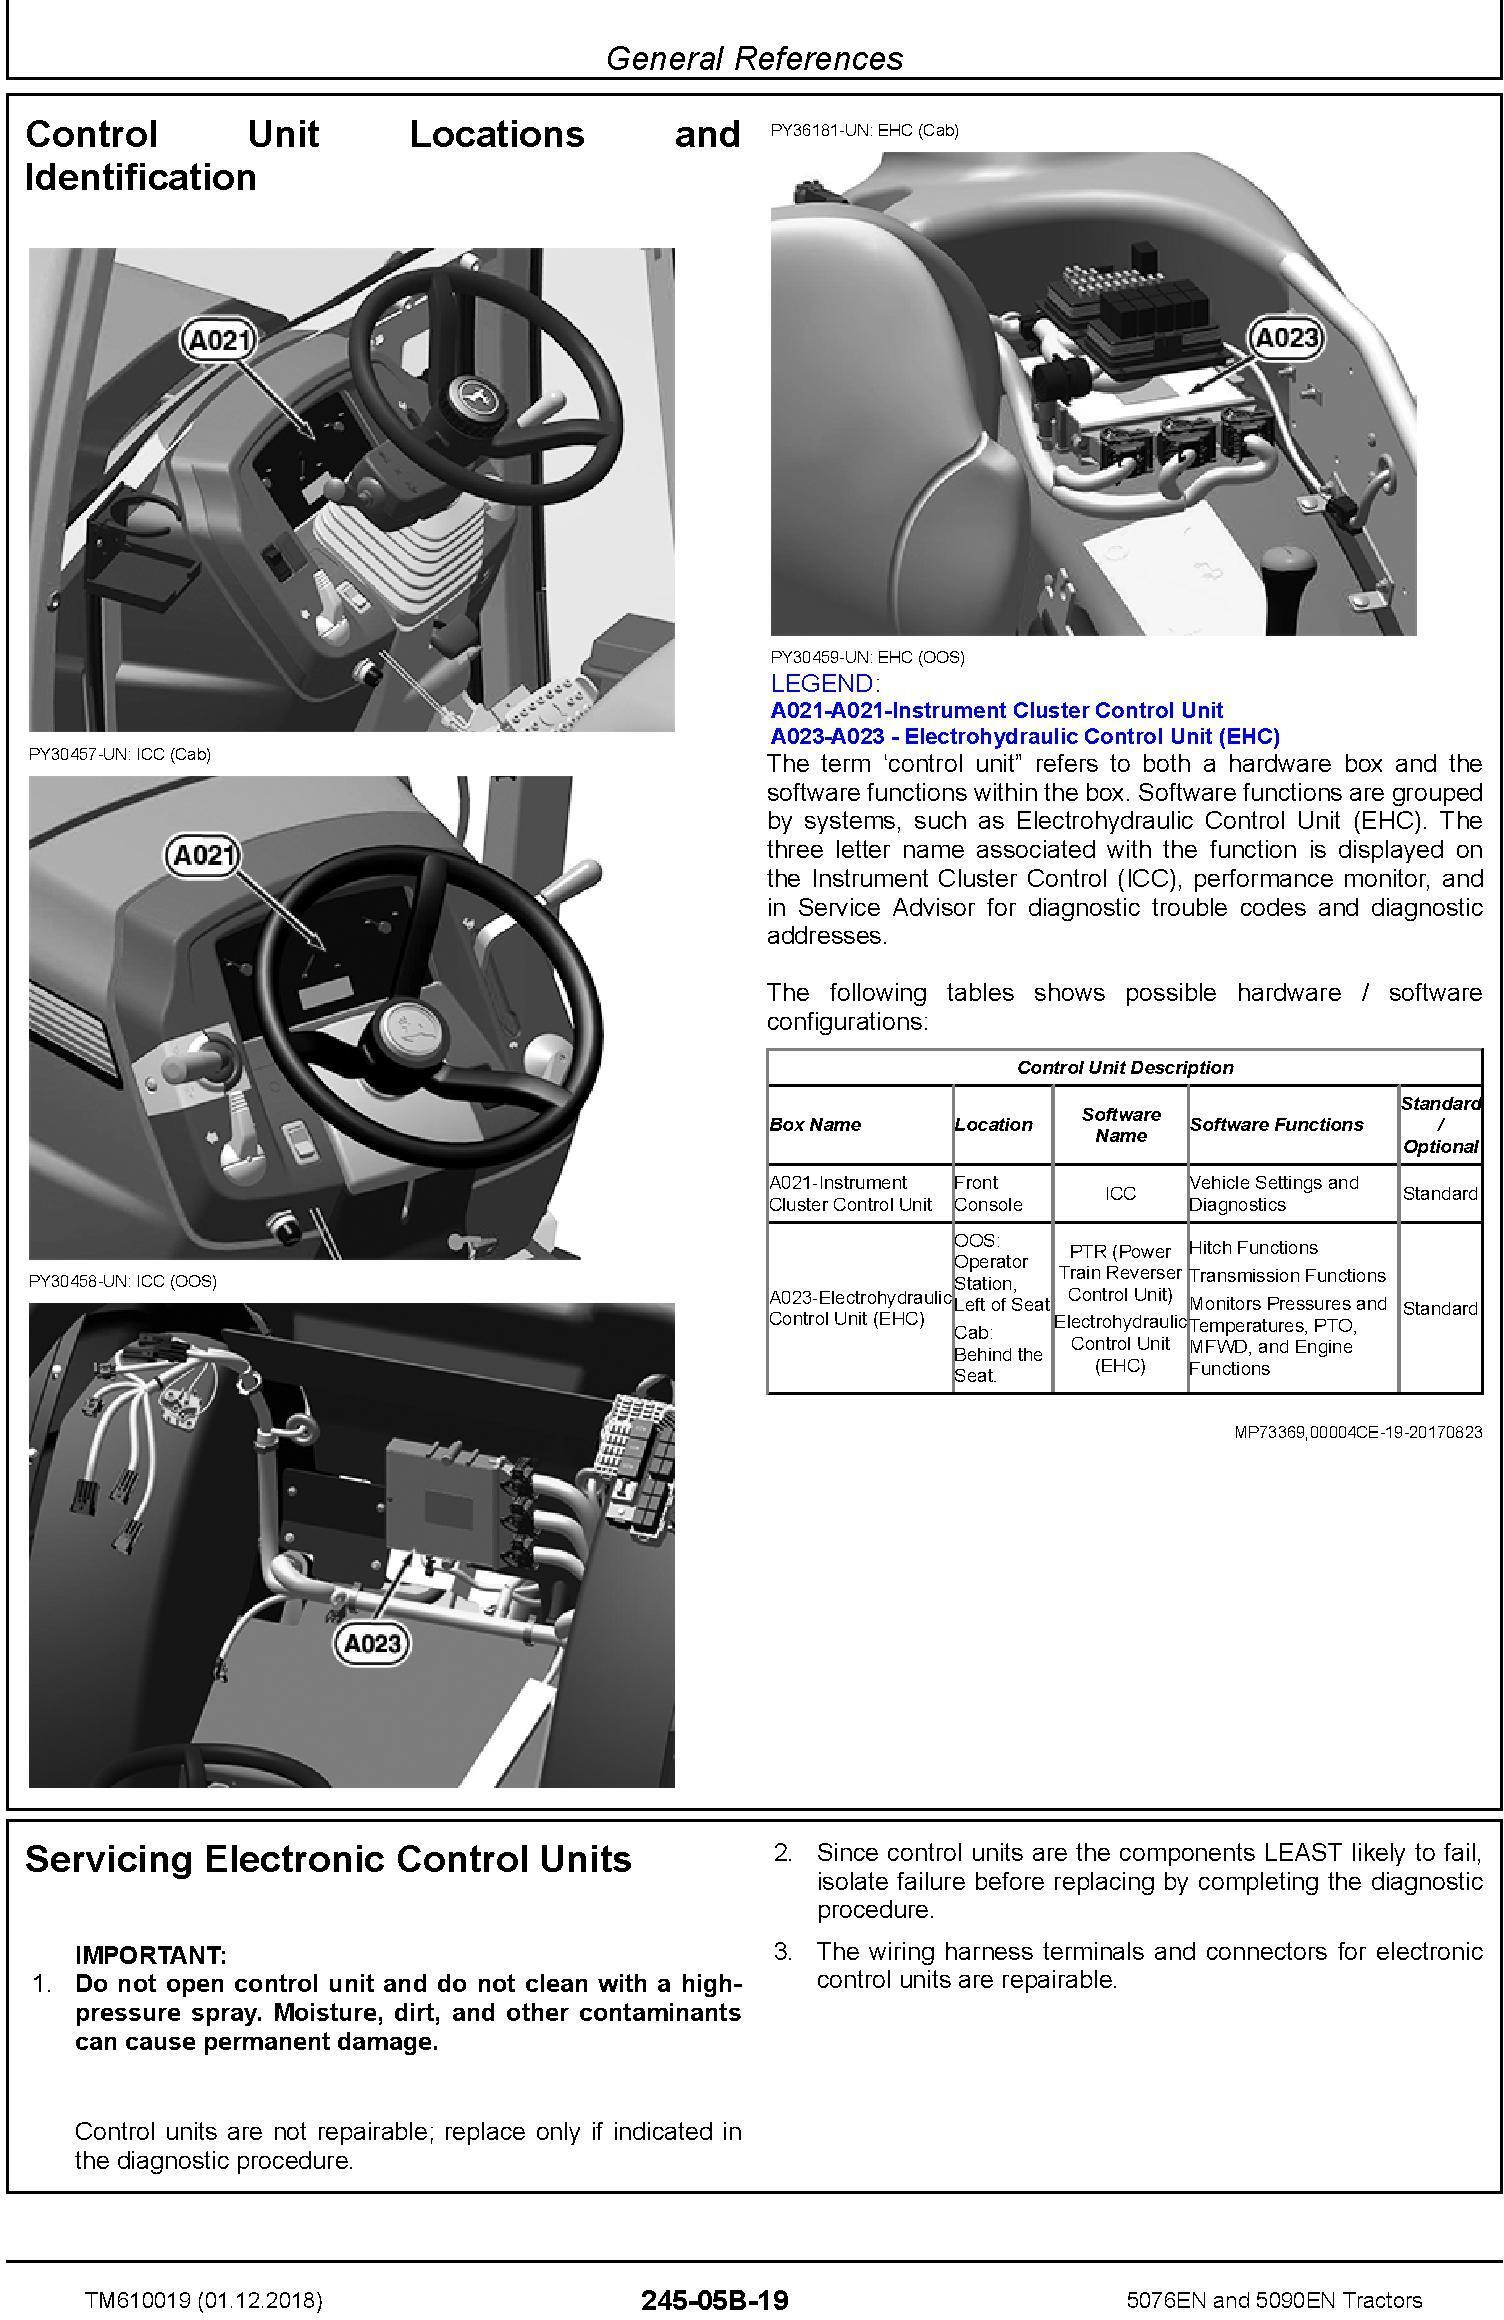 John Deere 5076EN and 5090EN Tractors Diagnostic Technical Service Manual (TM610019) - 2